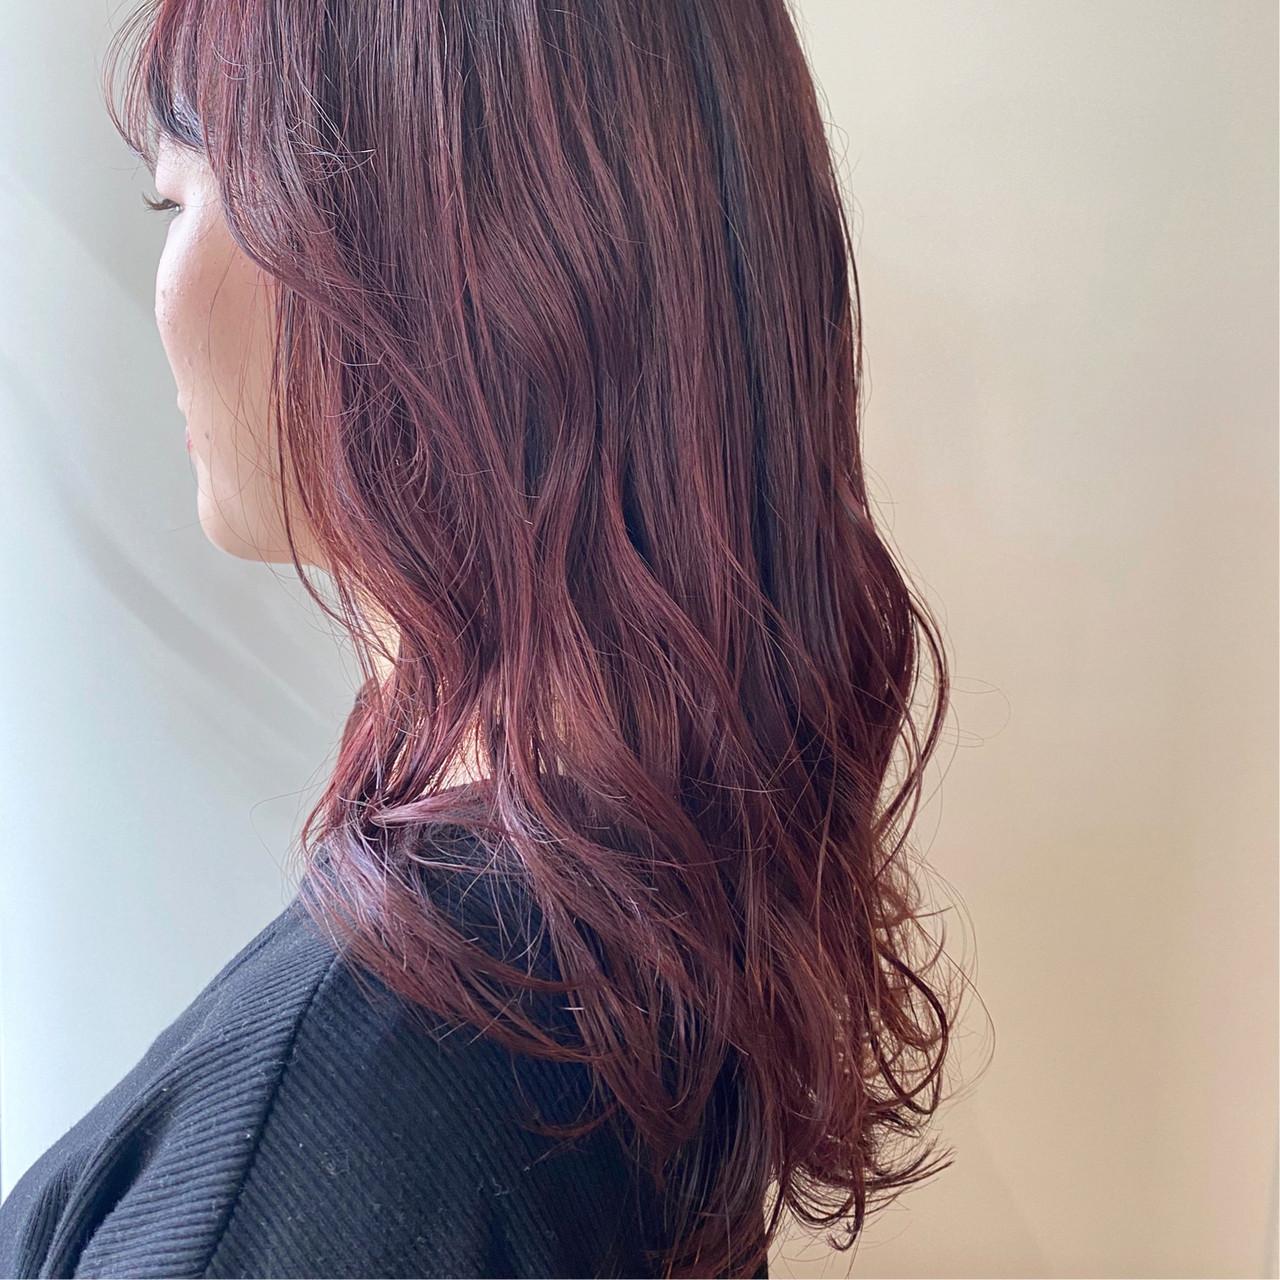 ミディアム ブリーチ無し ピンクブラウン ピンク ヘアスタイルや髪型の写真・画像